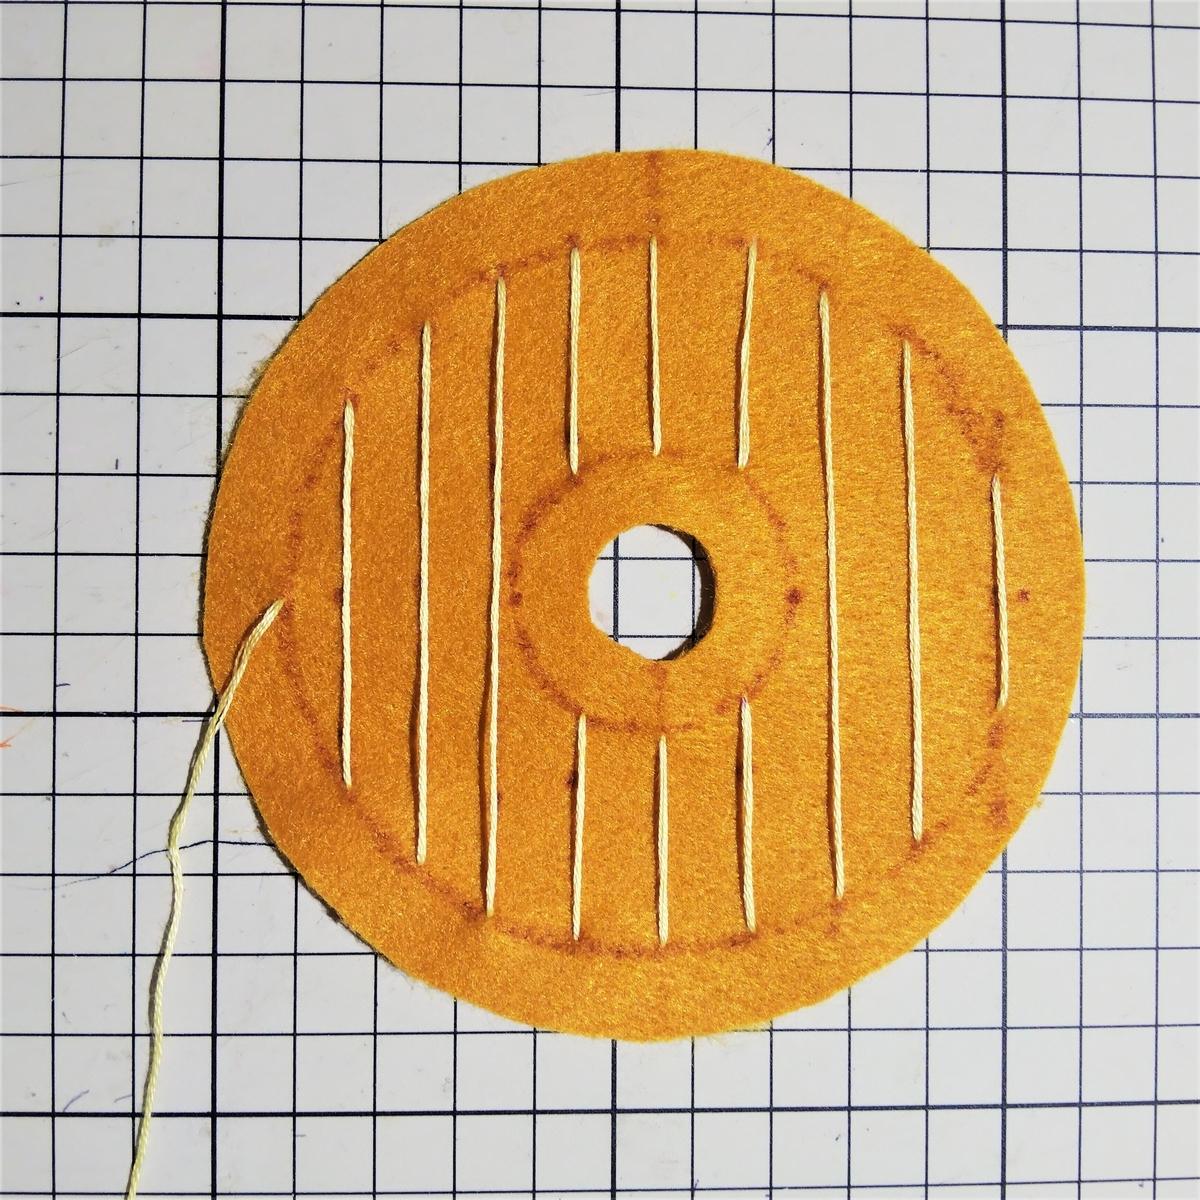 ハニーディップの作り方① 1㎝間隔を空けて刺繍する